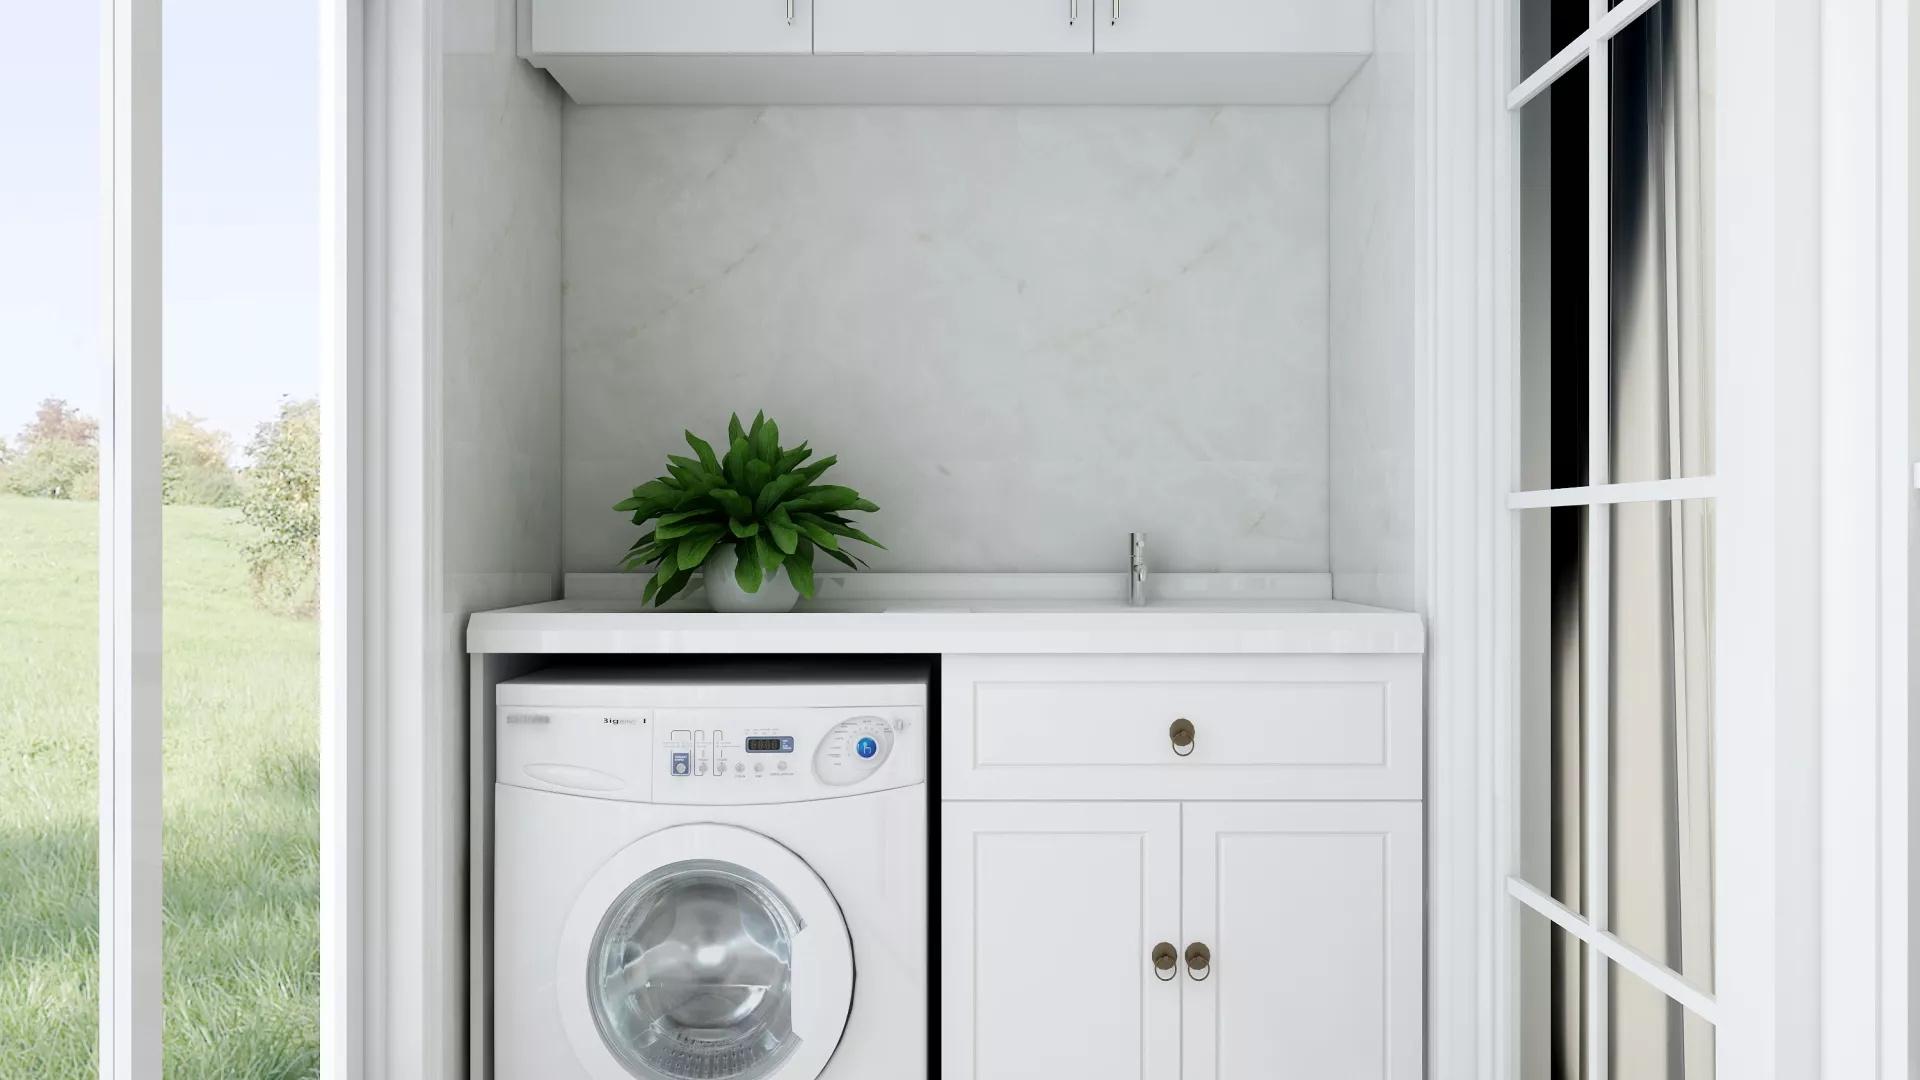 全自动洗衣机怎么清洗 全自动洗衣机清洗妙招